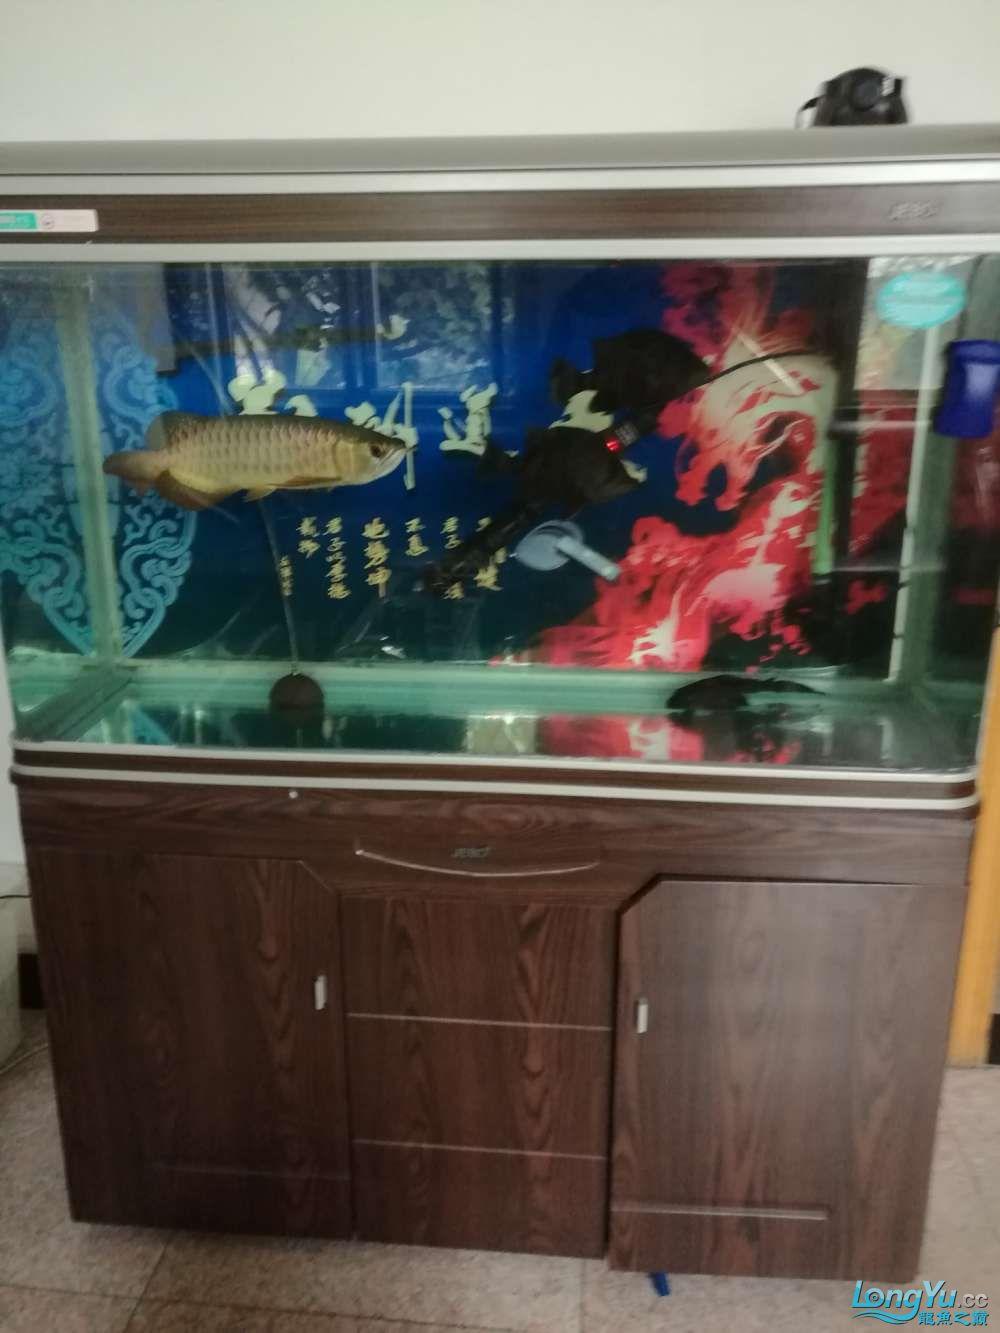 一金龙2虎鱼带缸出售宜宾黄化白子银龙鱼 宜宾水族批发市场 宜宾龙鱼第2张